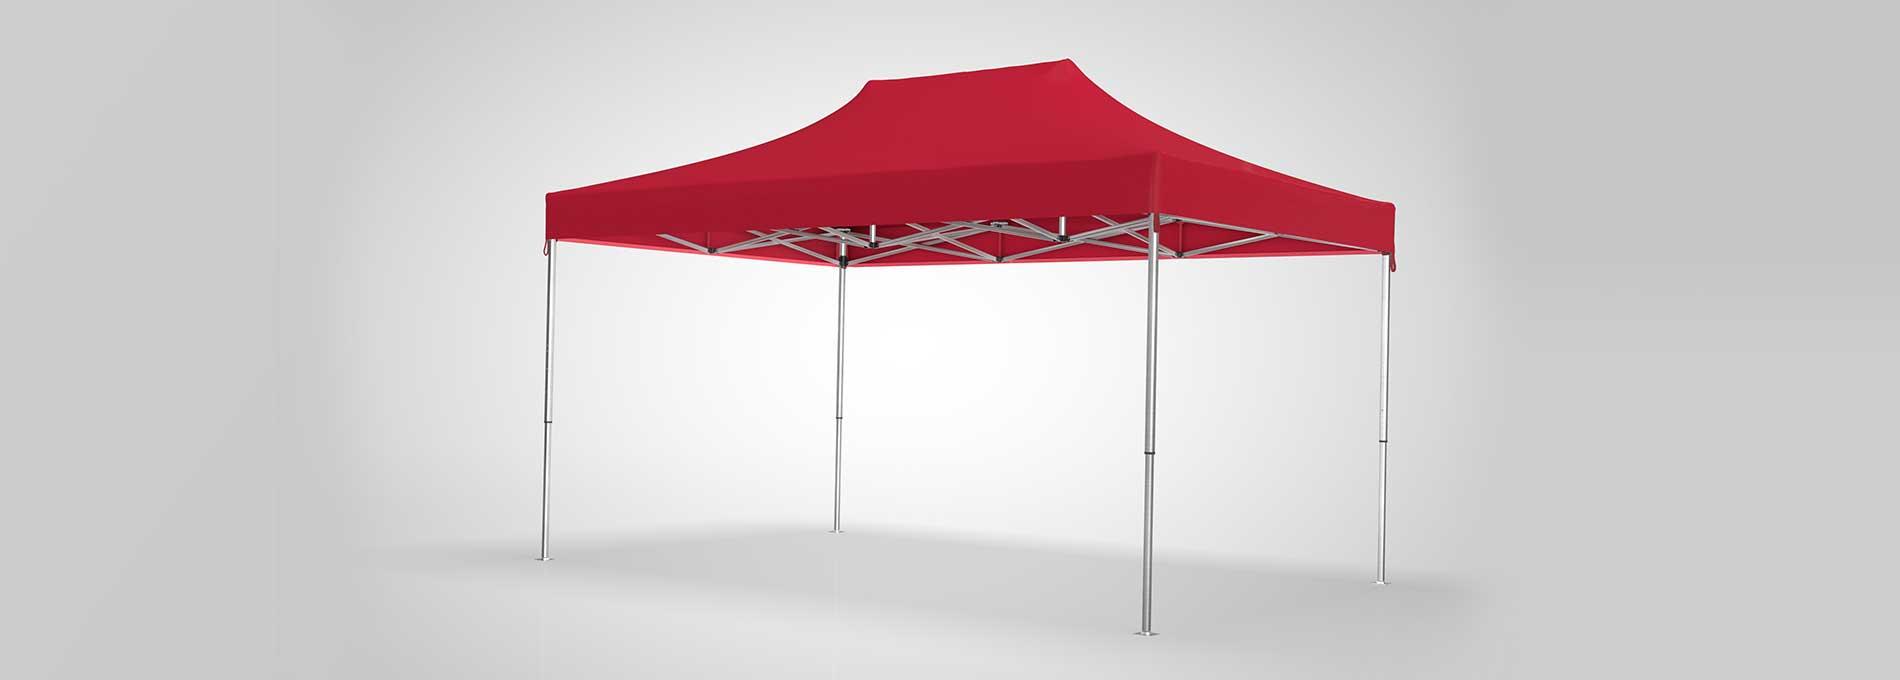 Roter Faltpavillon zum günstigen Preis.